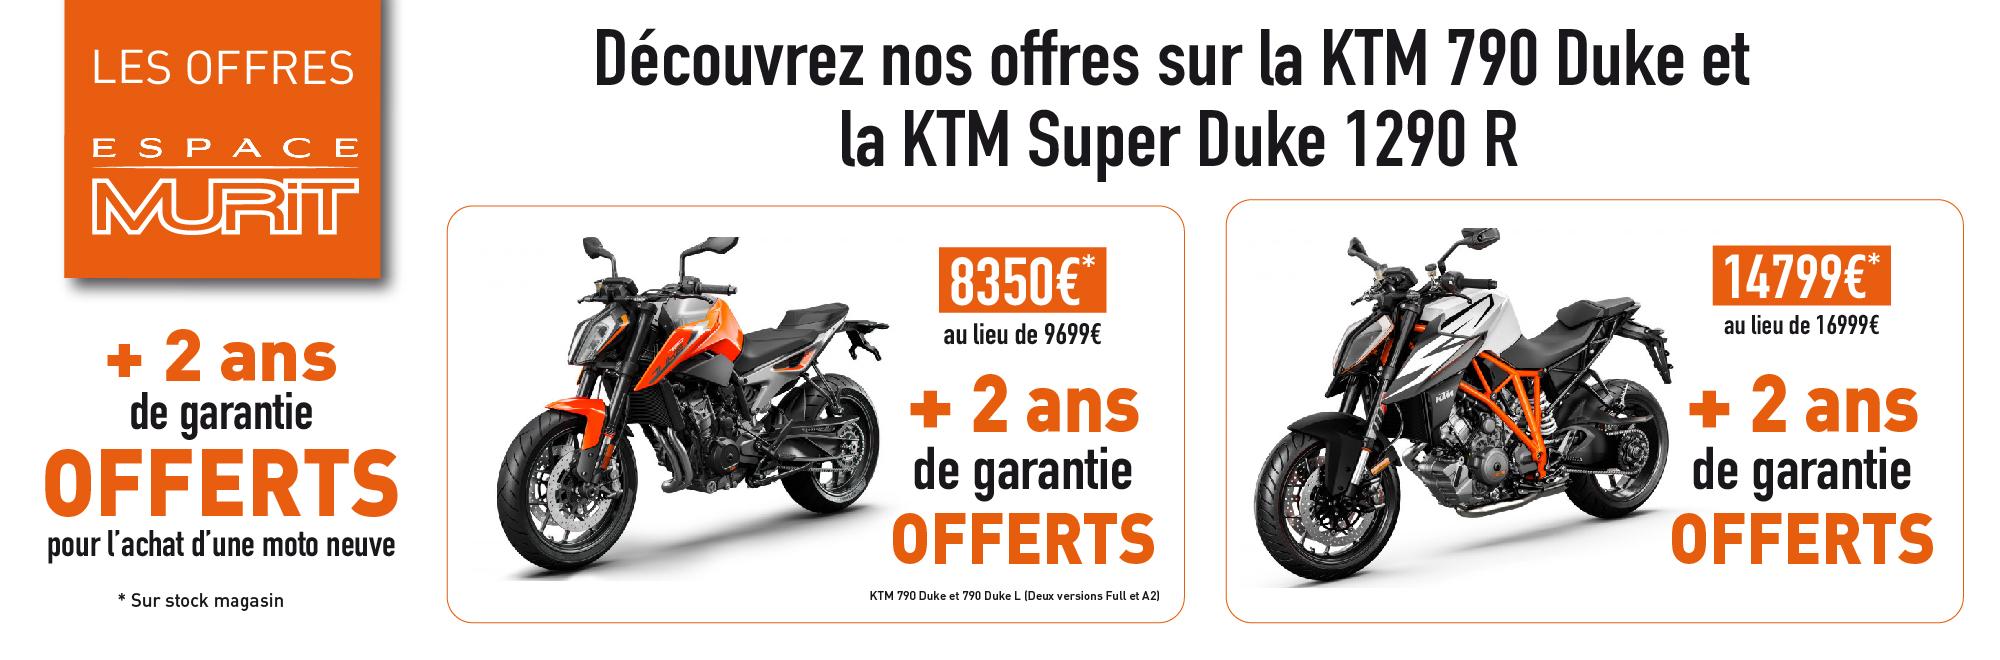 Offres KTM